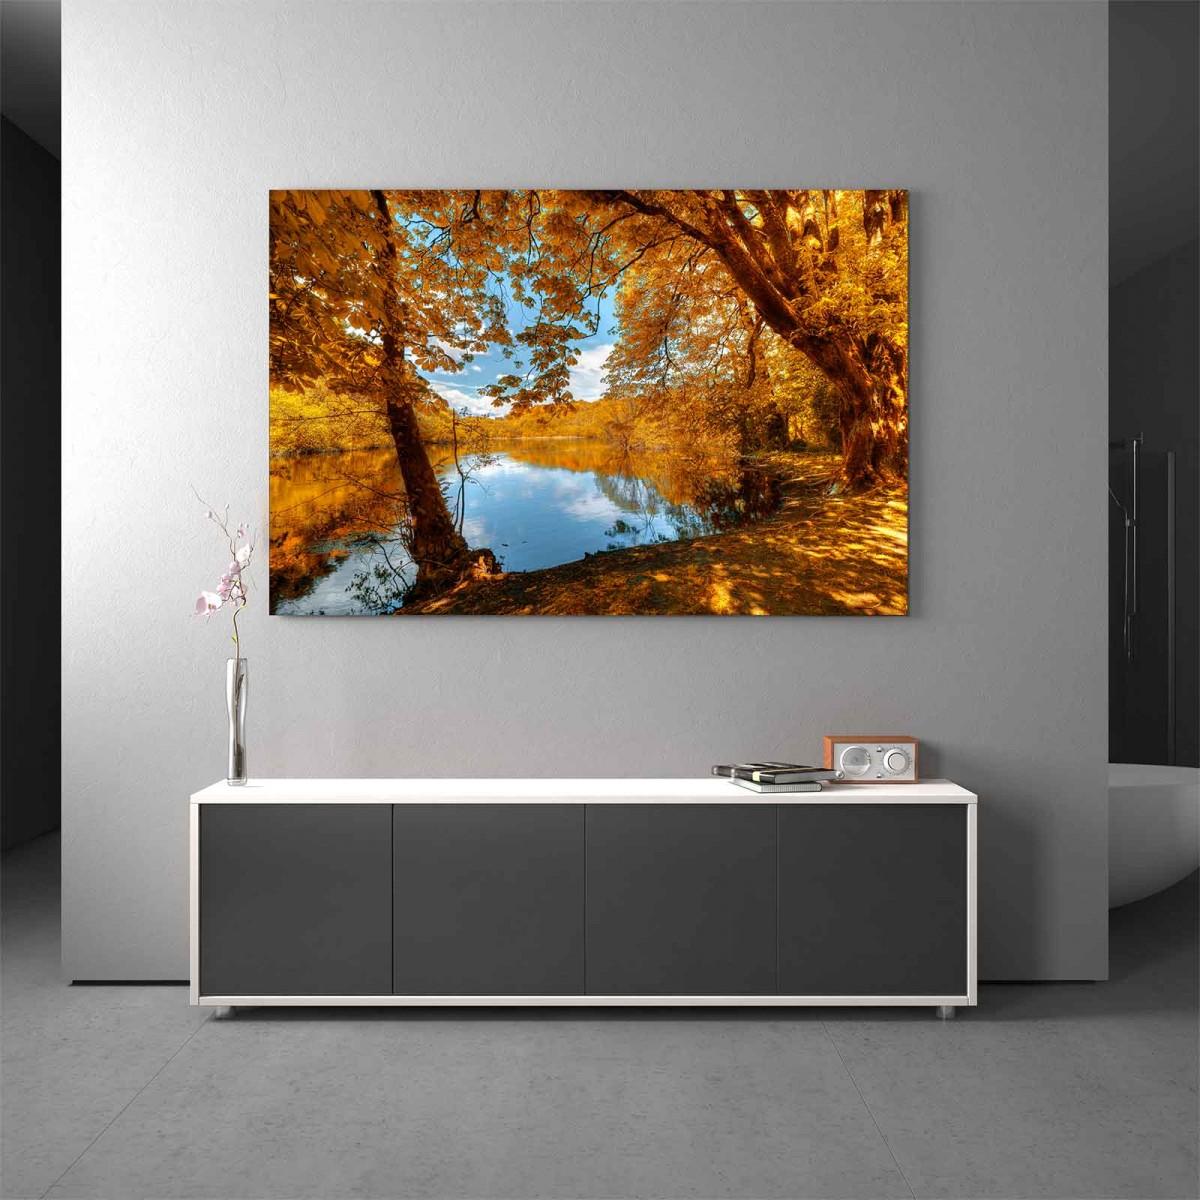 Glasbild Herbstzeit See